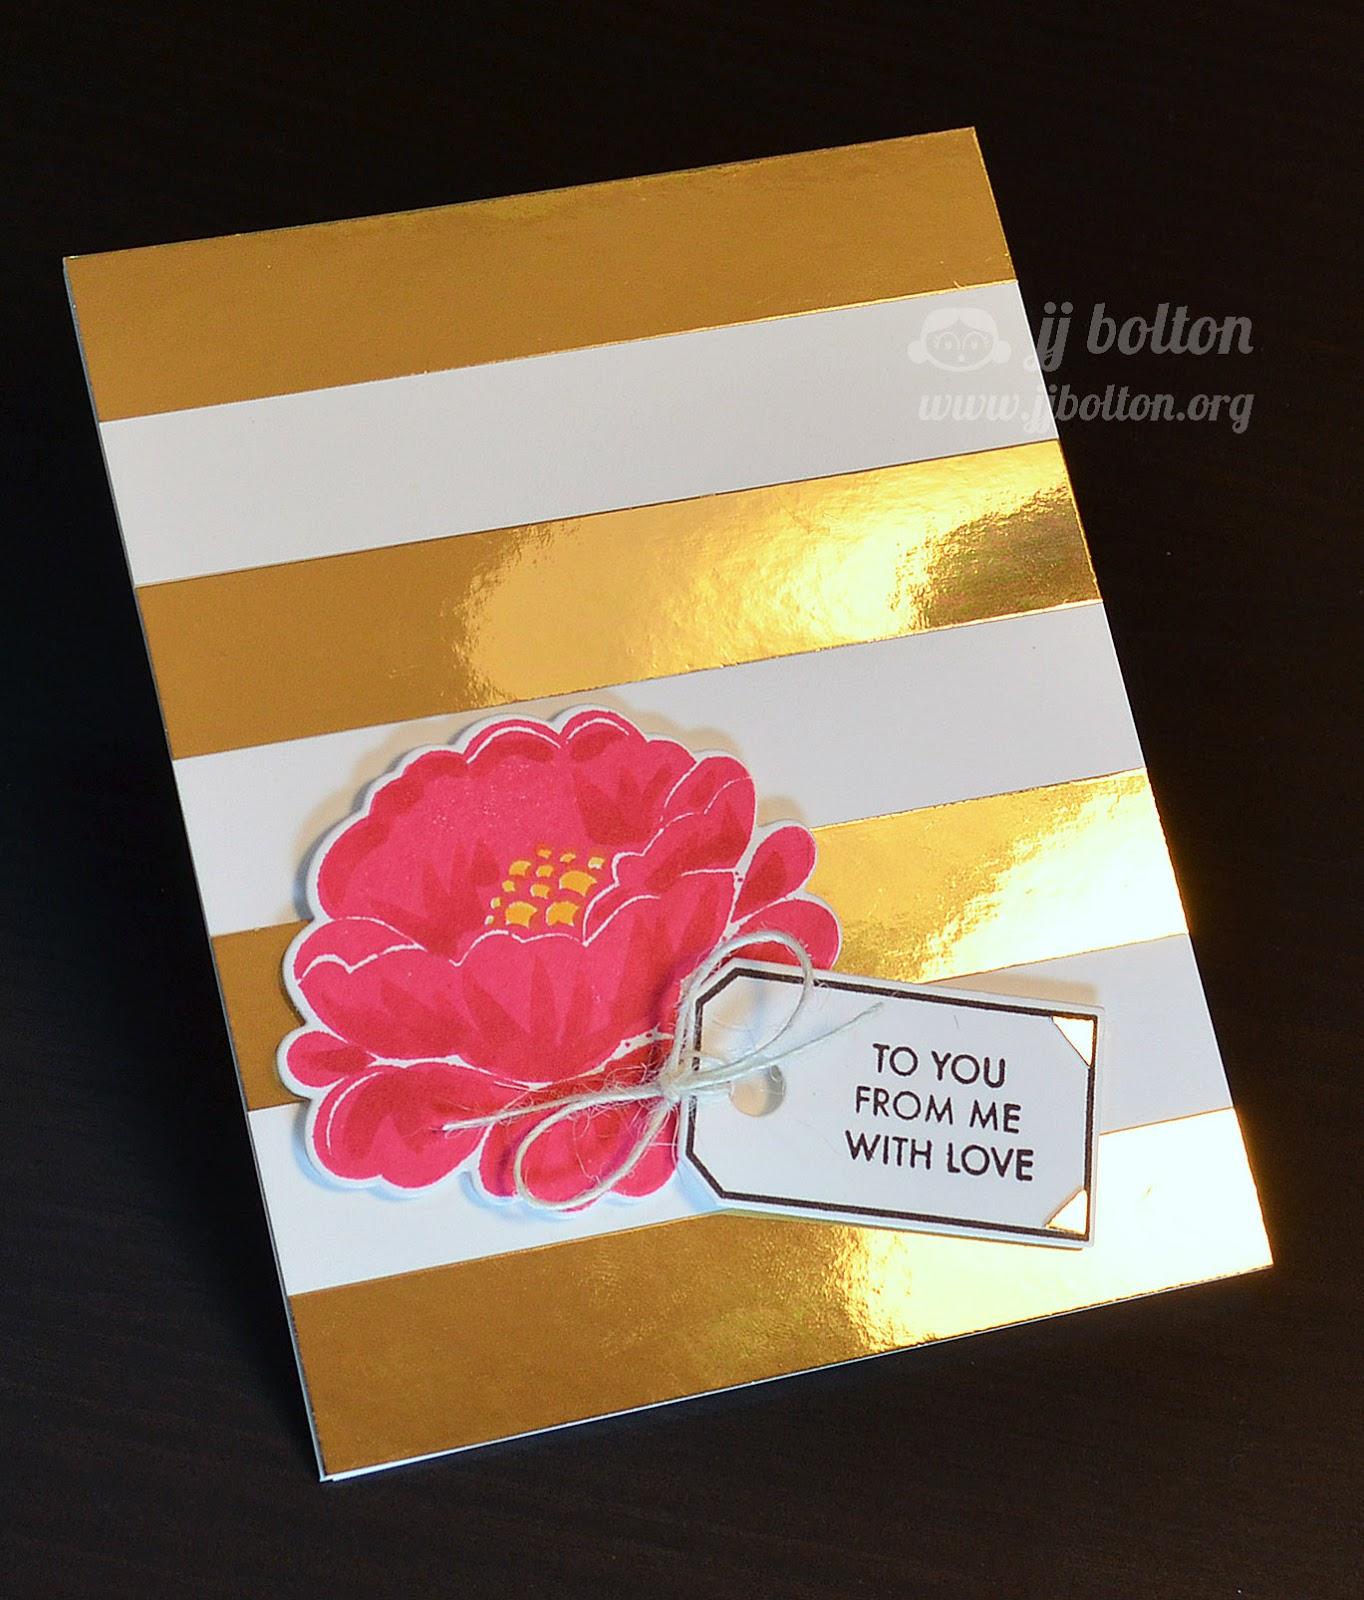 Jj Bolton Handmade Cards Avery Elle Birthday Month Favorite